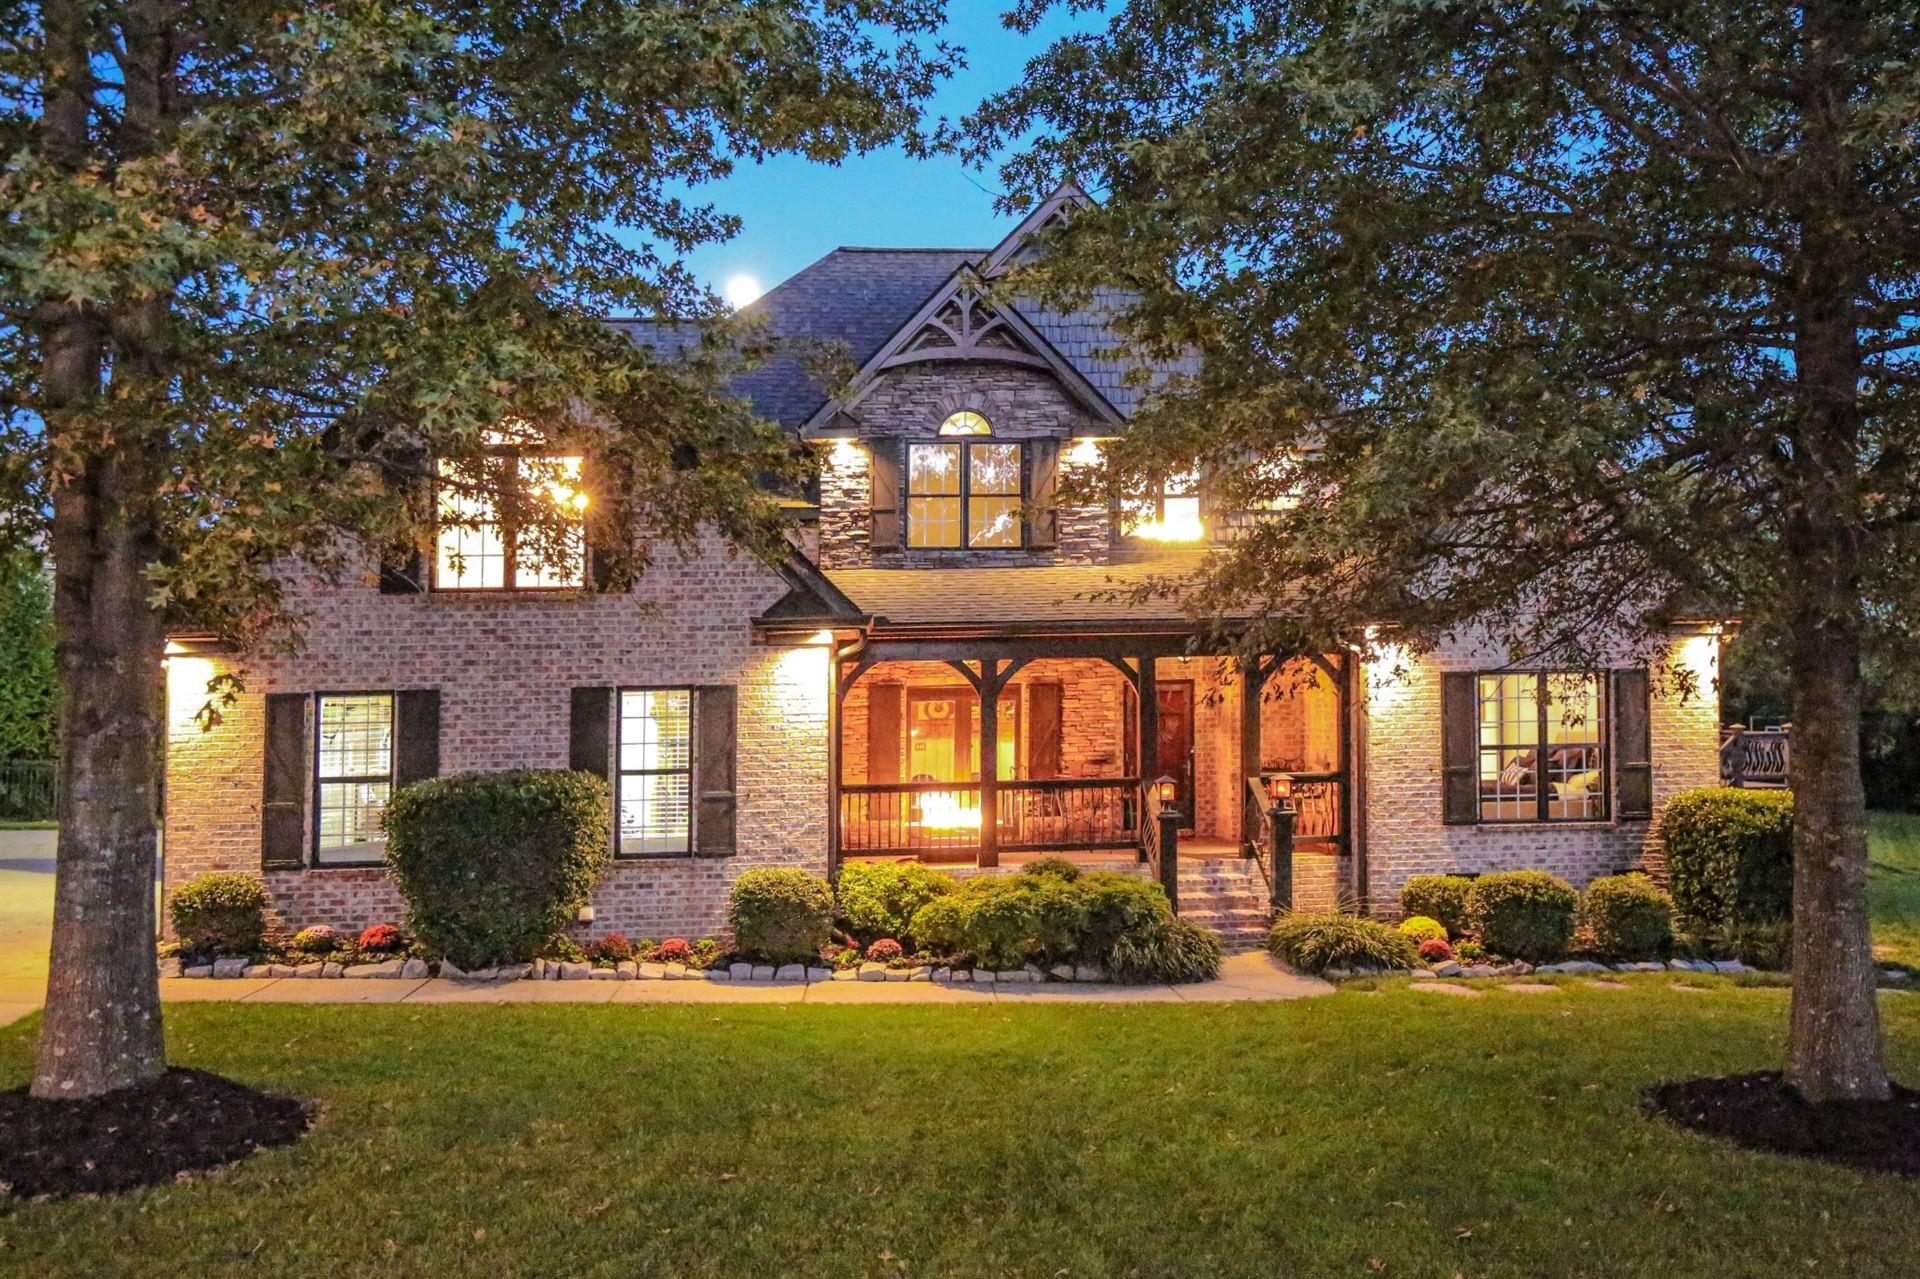 5703 Colchester Ct                                                                               Murfreesboro                                                                      , TN - $849,000